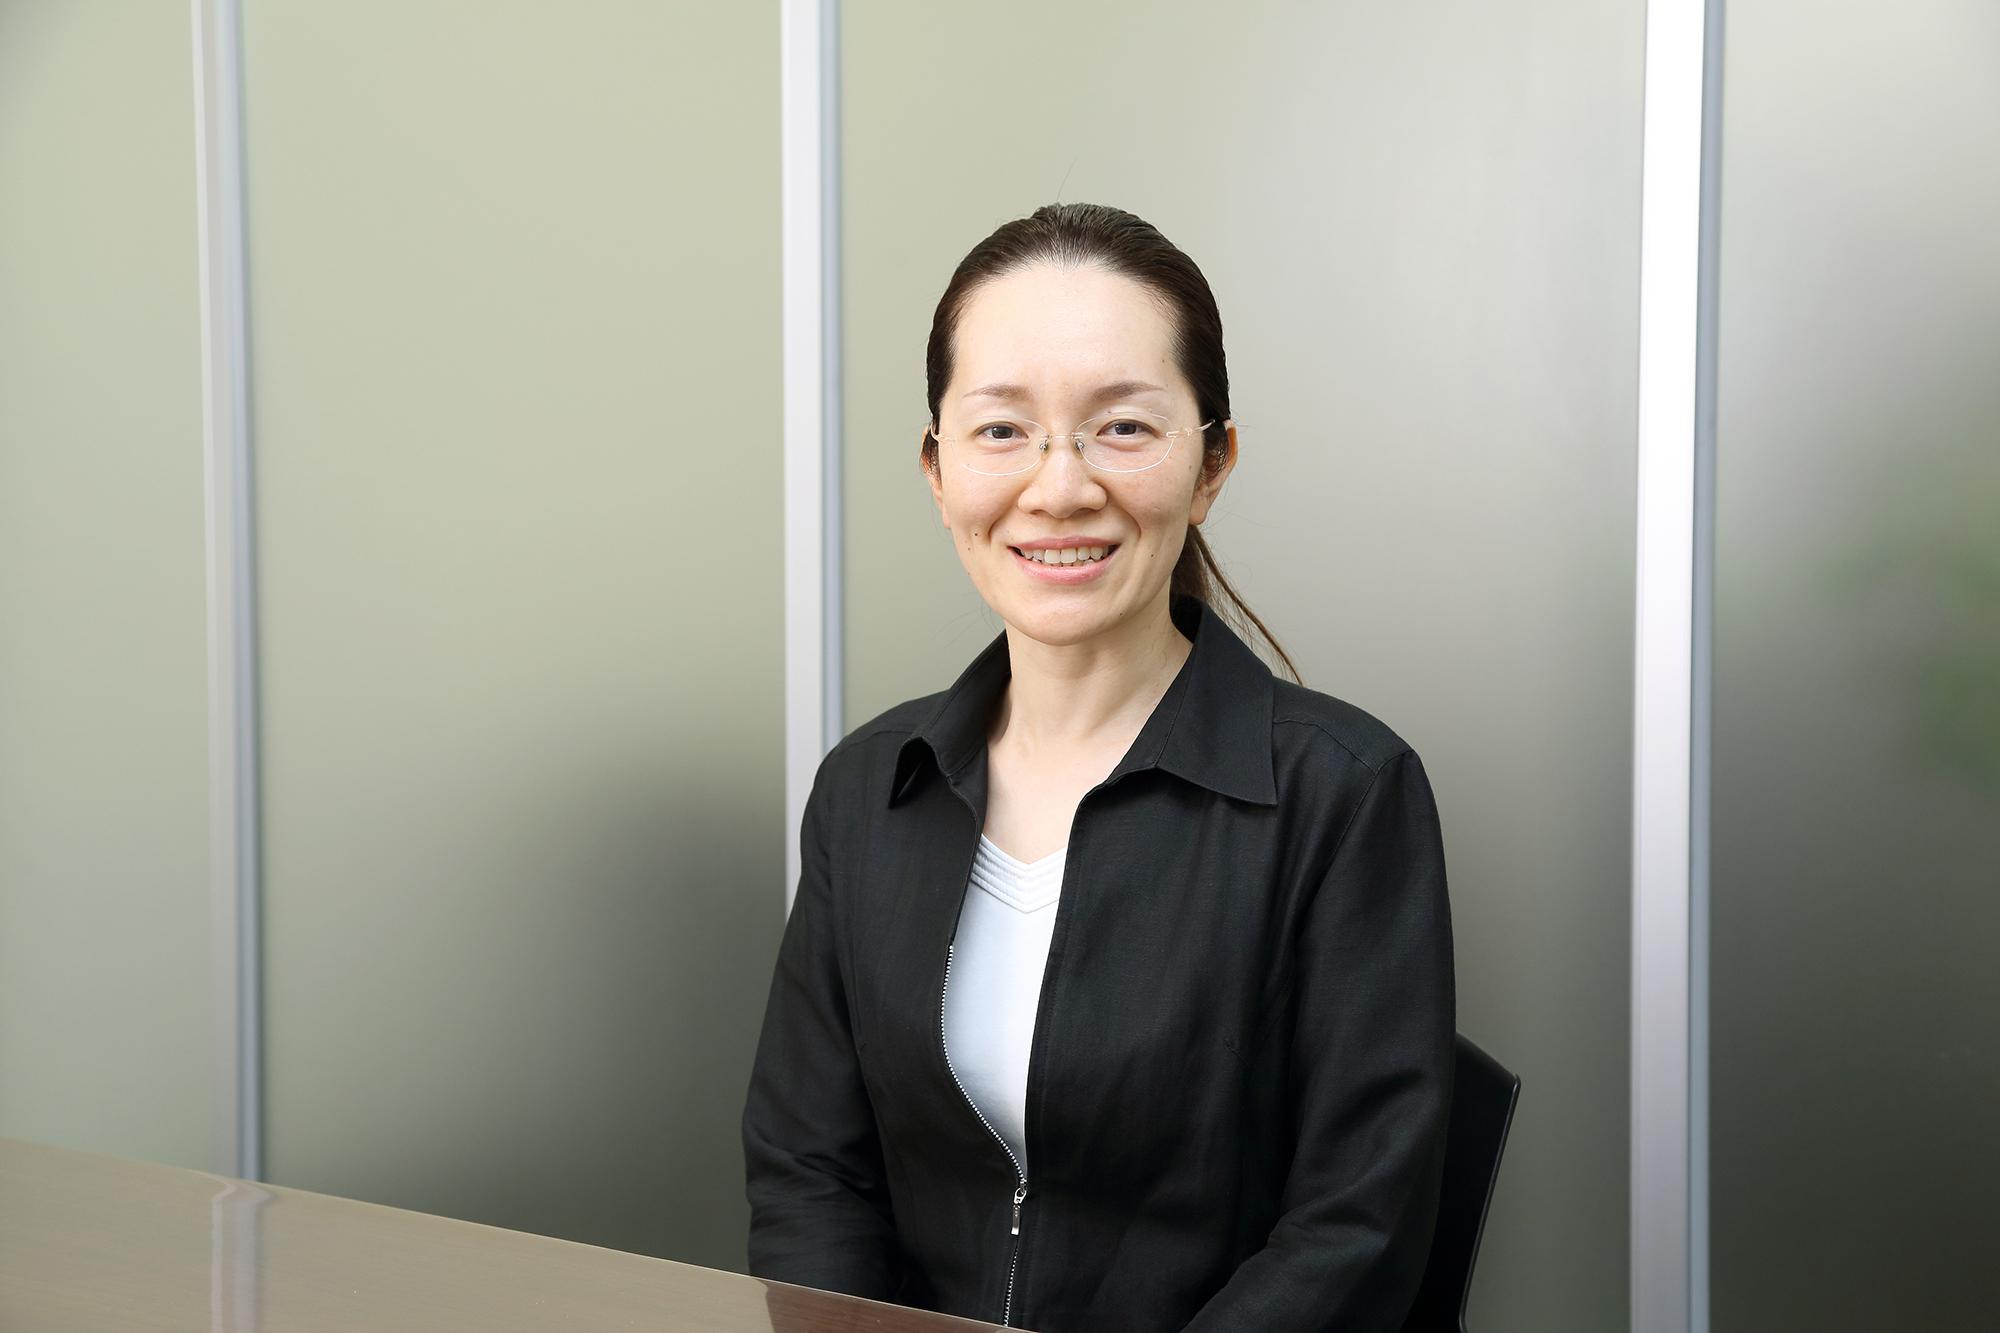 スーパーバイザー 三木 康子(みき やすこ)